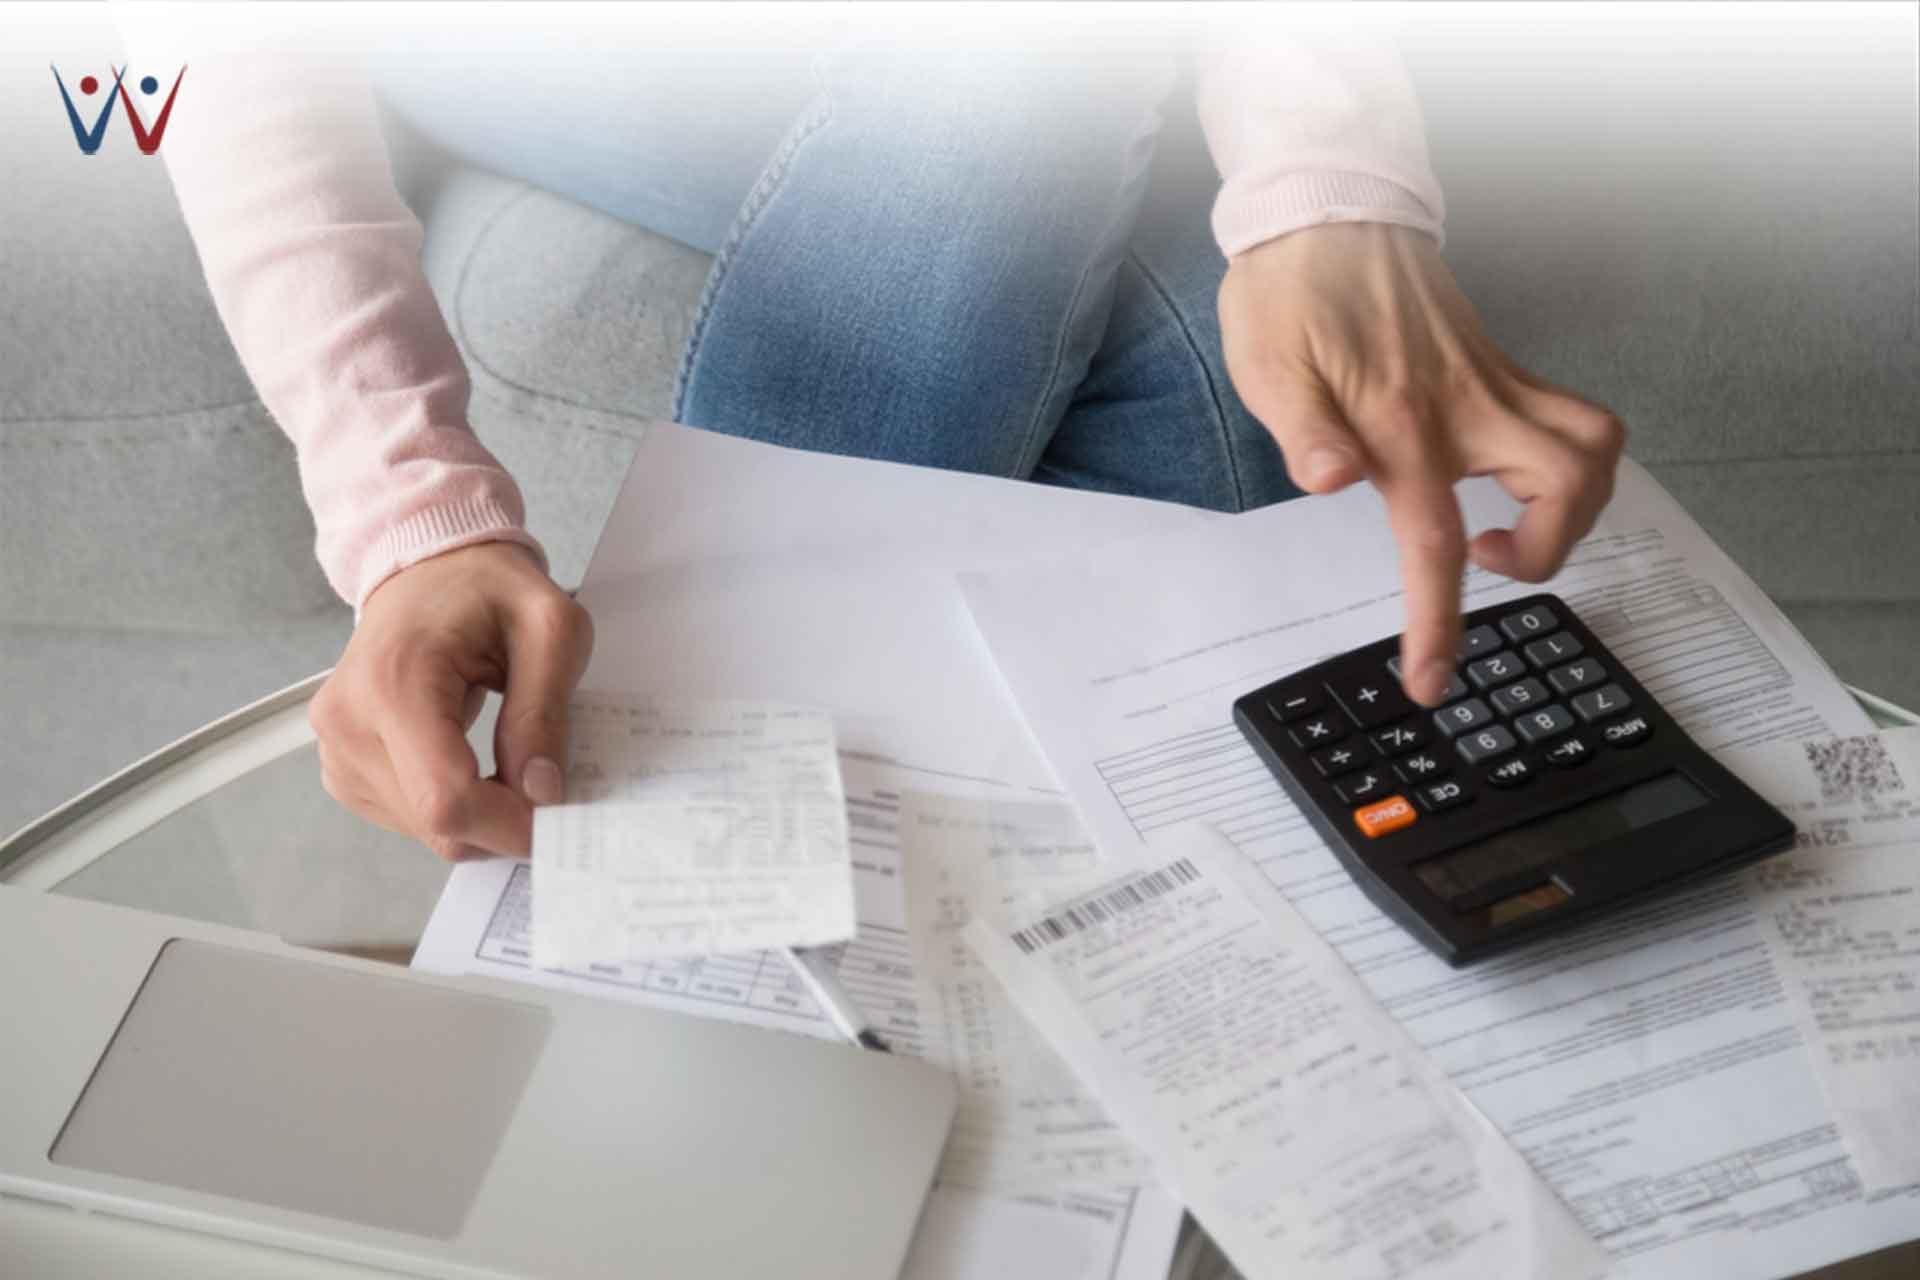 Pencatatan - 4 Cara Kekinian dalam Mengatur Finansial Anda